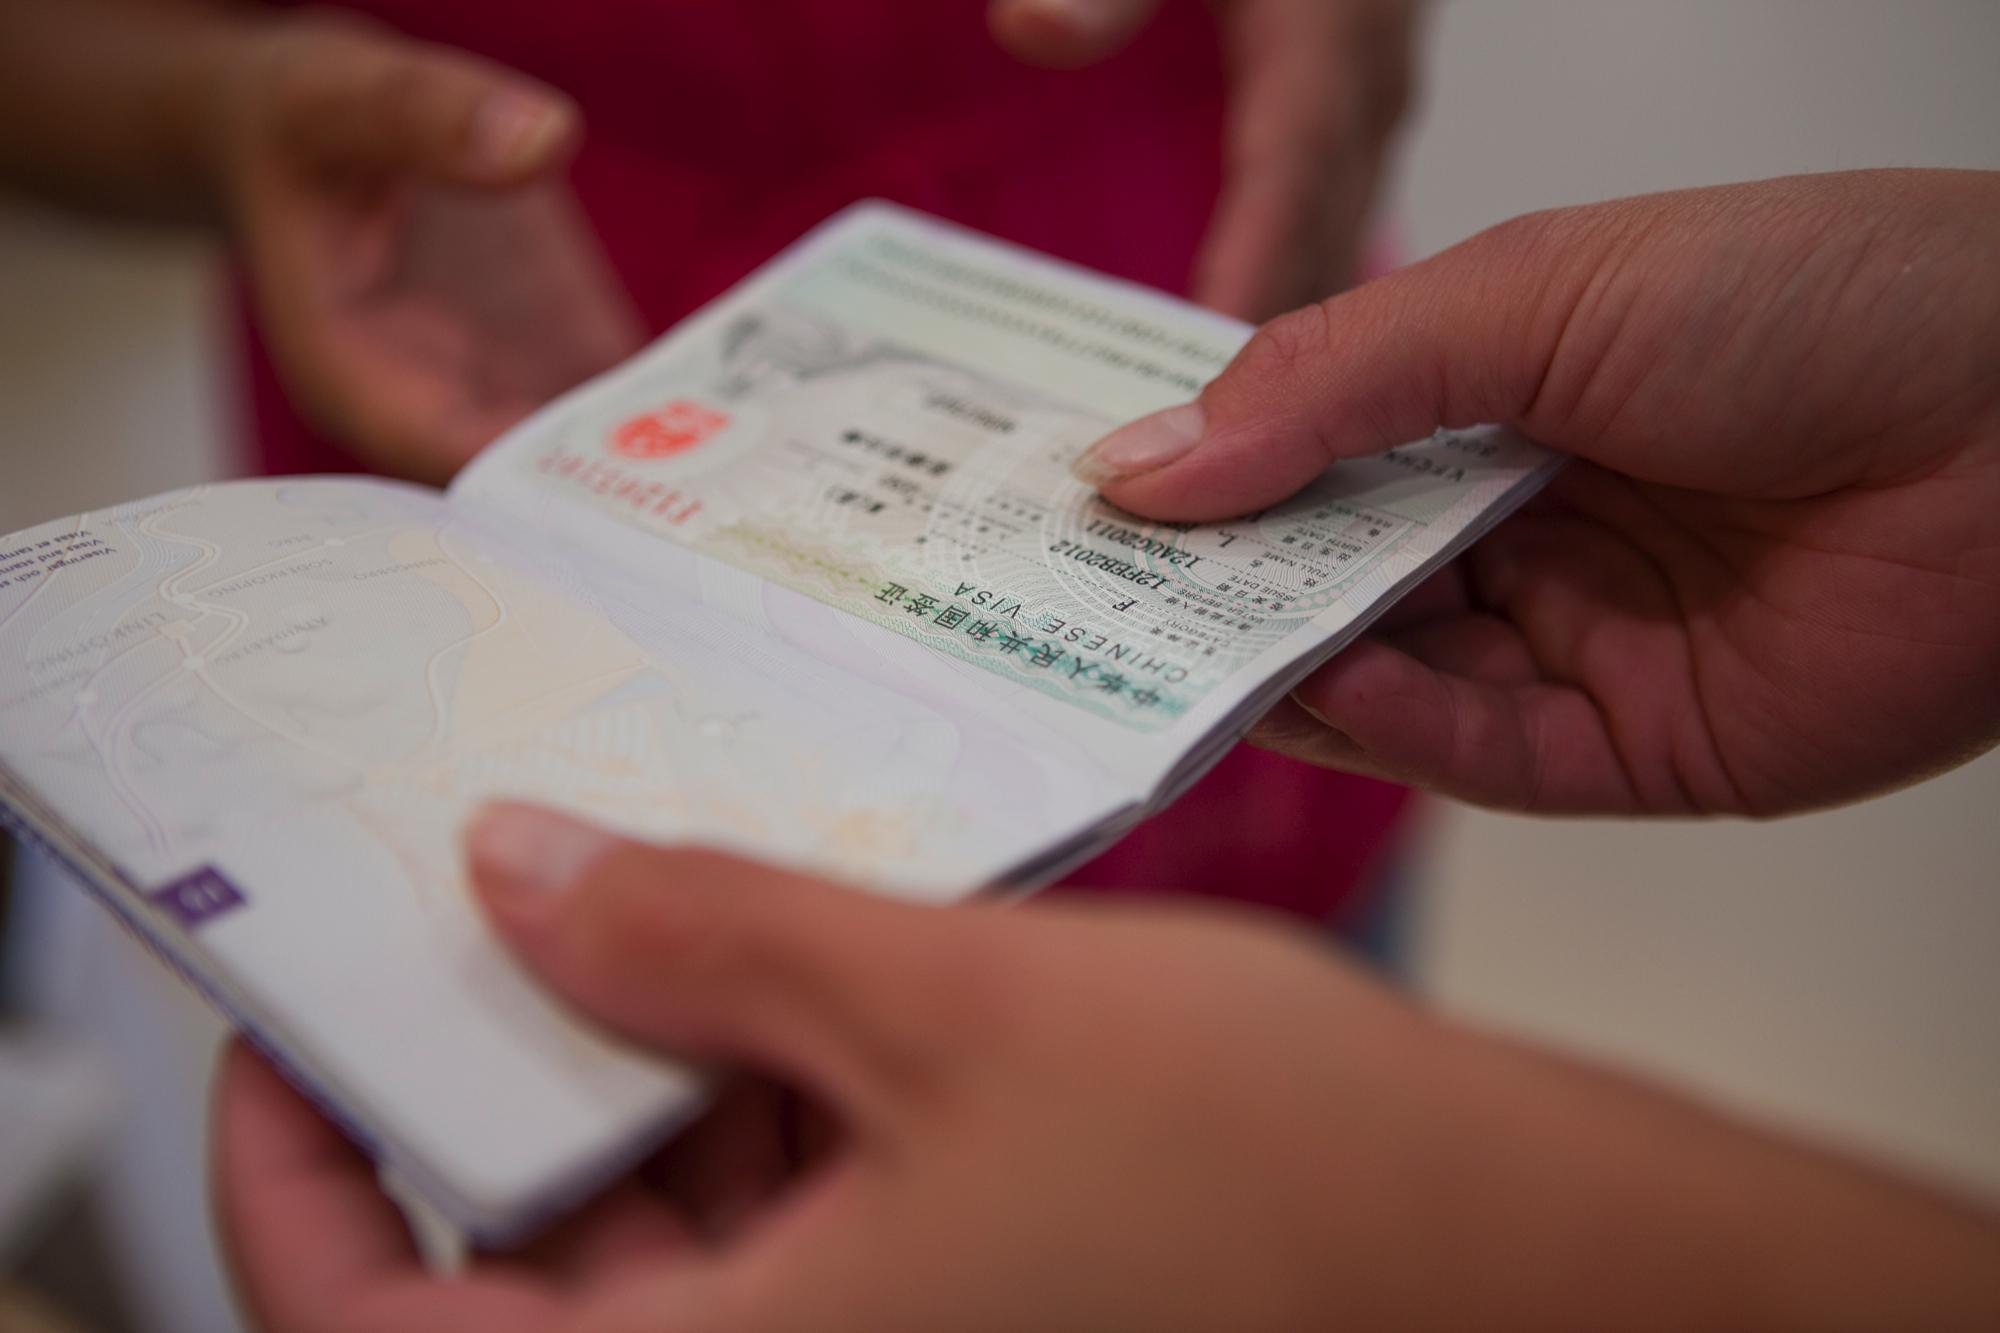 Ny opgørelse over pas fra alverdens lande viser, at pas fra Japan og Singapore giver adgang uden visum til flest lande. Arkivfoto: Comet Consular Services.